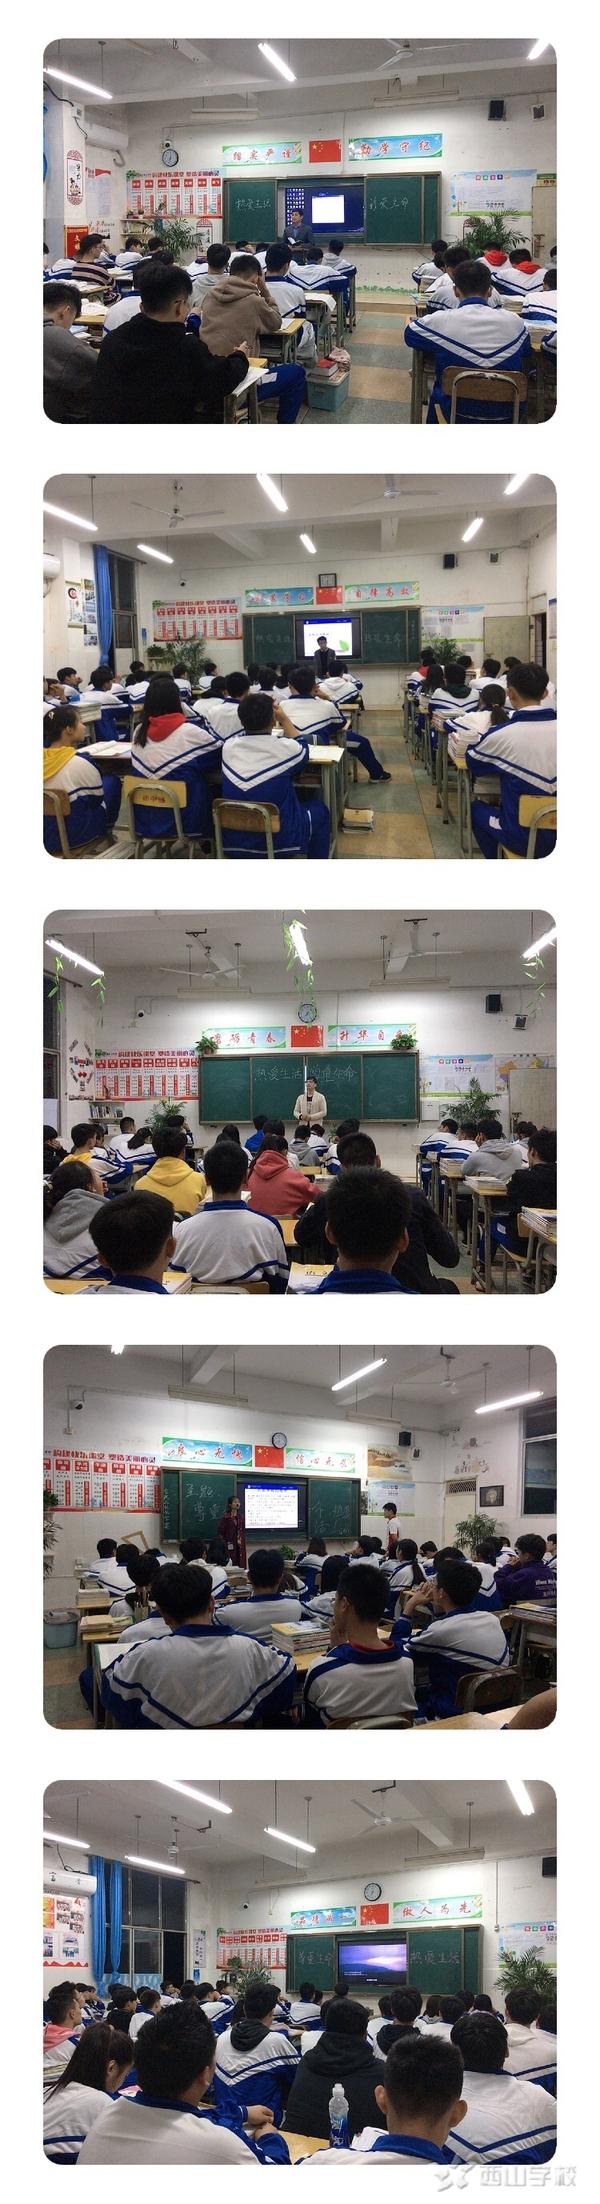 """江西省西山学校高中部开展""""尊重生命,热爱生活""""主题教育活动"""